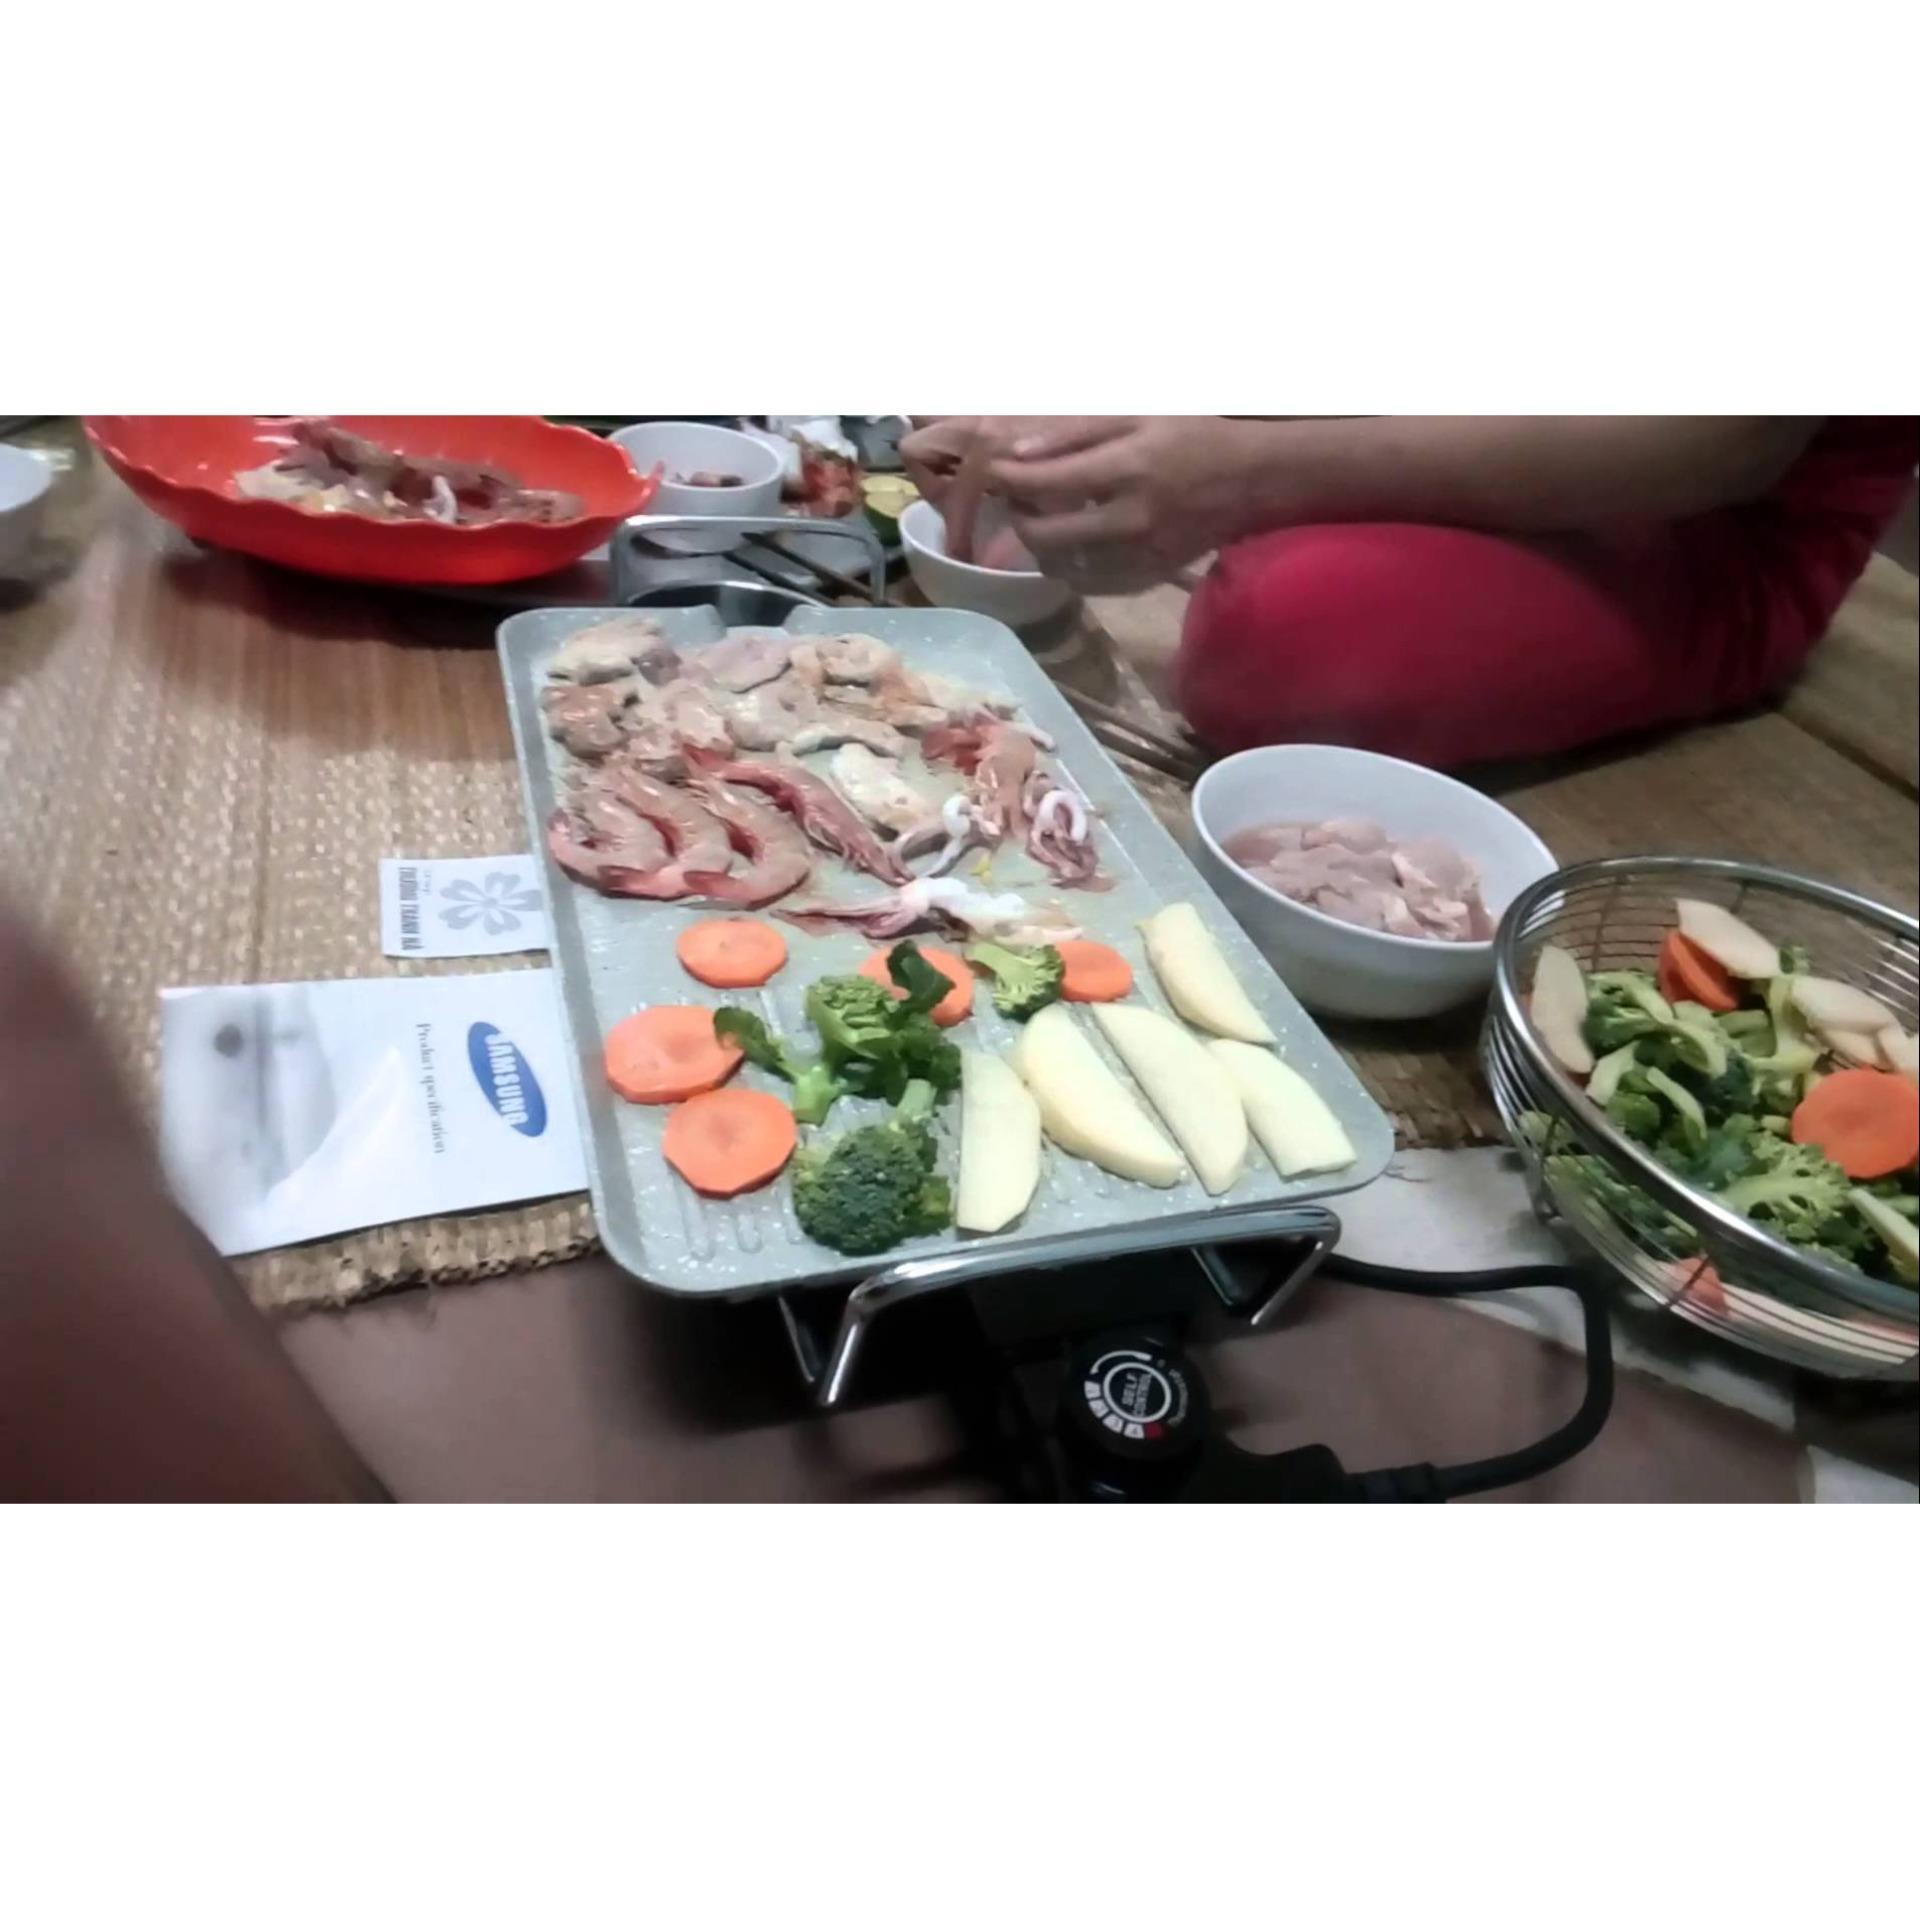 Bếp nướng điện , Bep nuong dien cao cap - Bếp nướng điện SAM SUNG - hàng cao cấp - giá rẻ -  uy tín - chất lượng - BH uy tín 1 đổi 1 bởi Bách Hóa HT